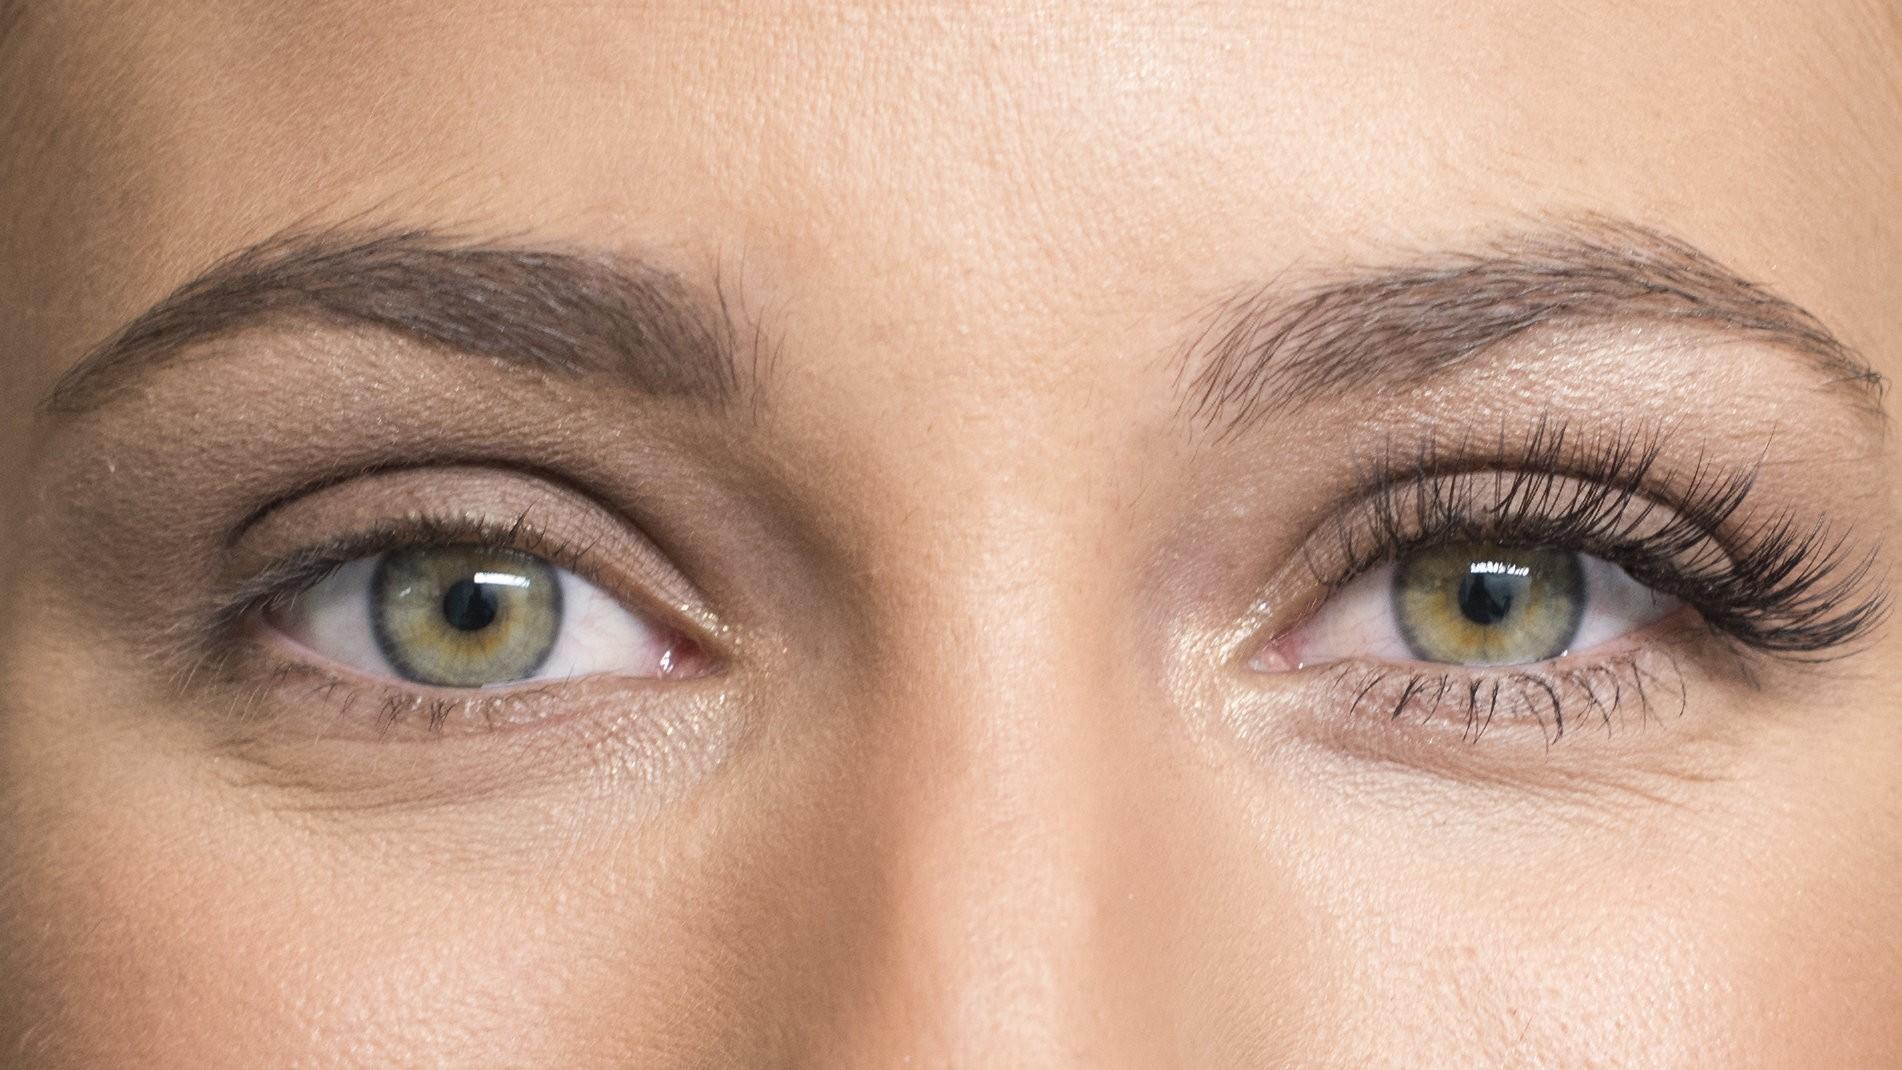 soro de oleo de mamona para crescer sobrancelhas e cílios